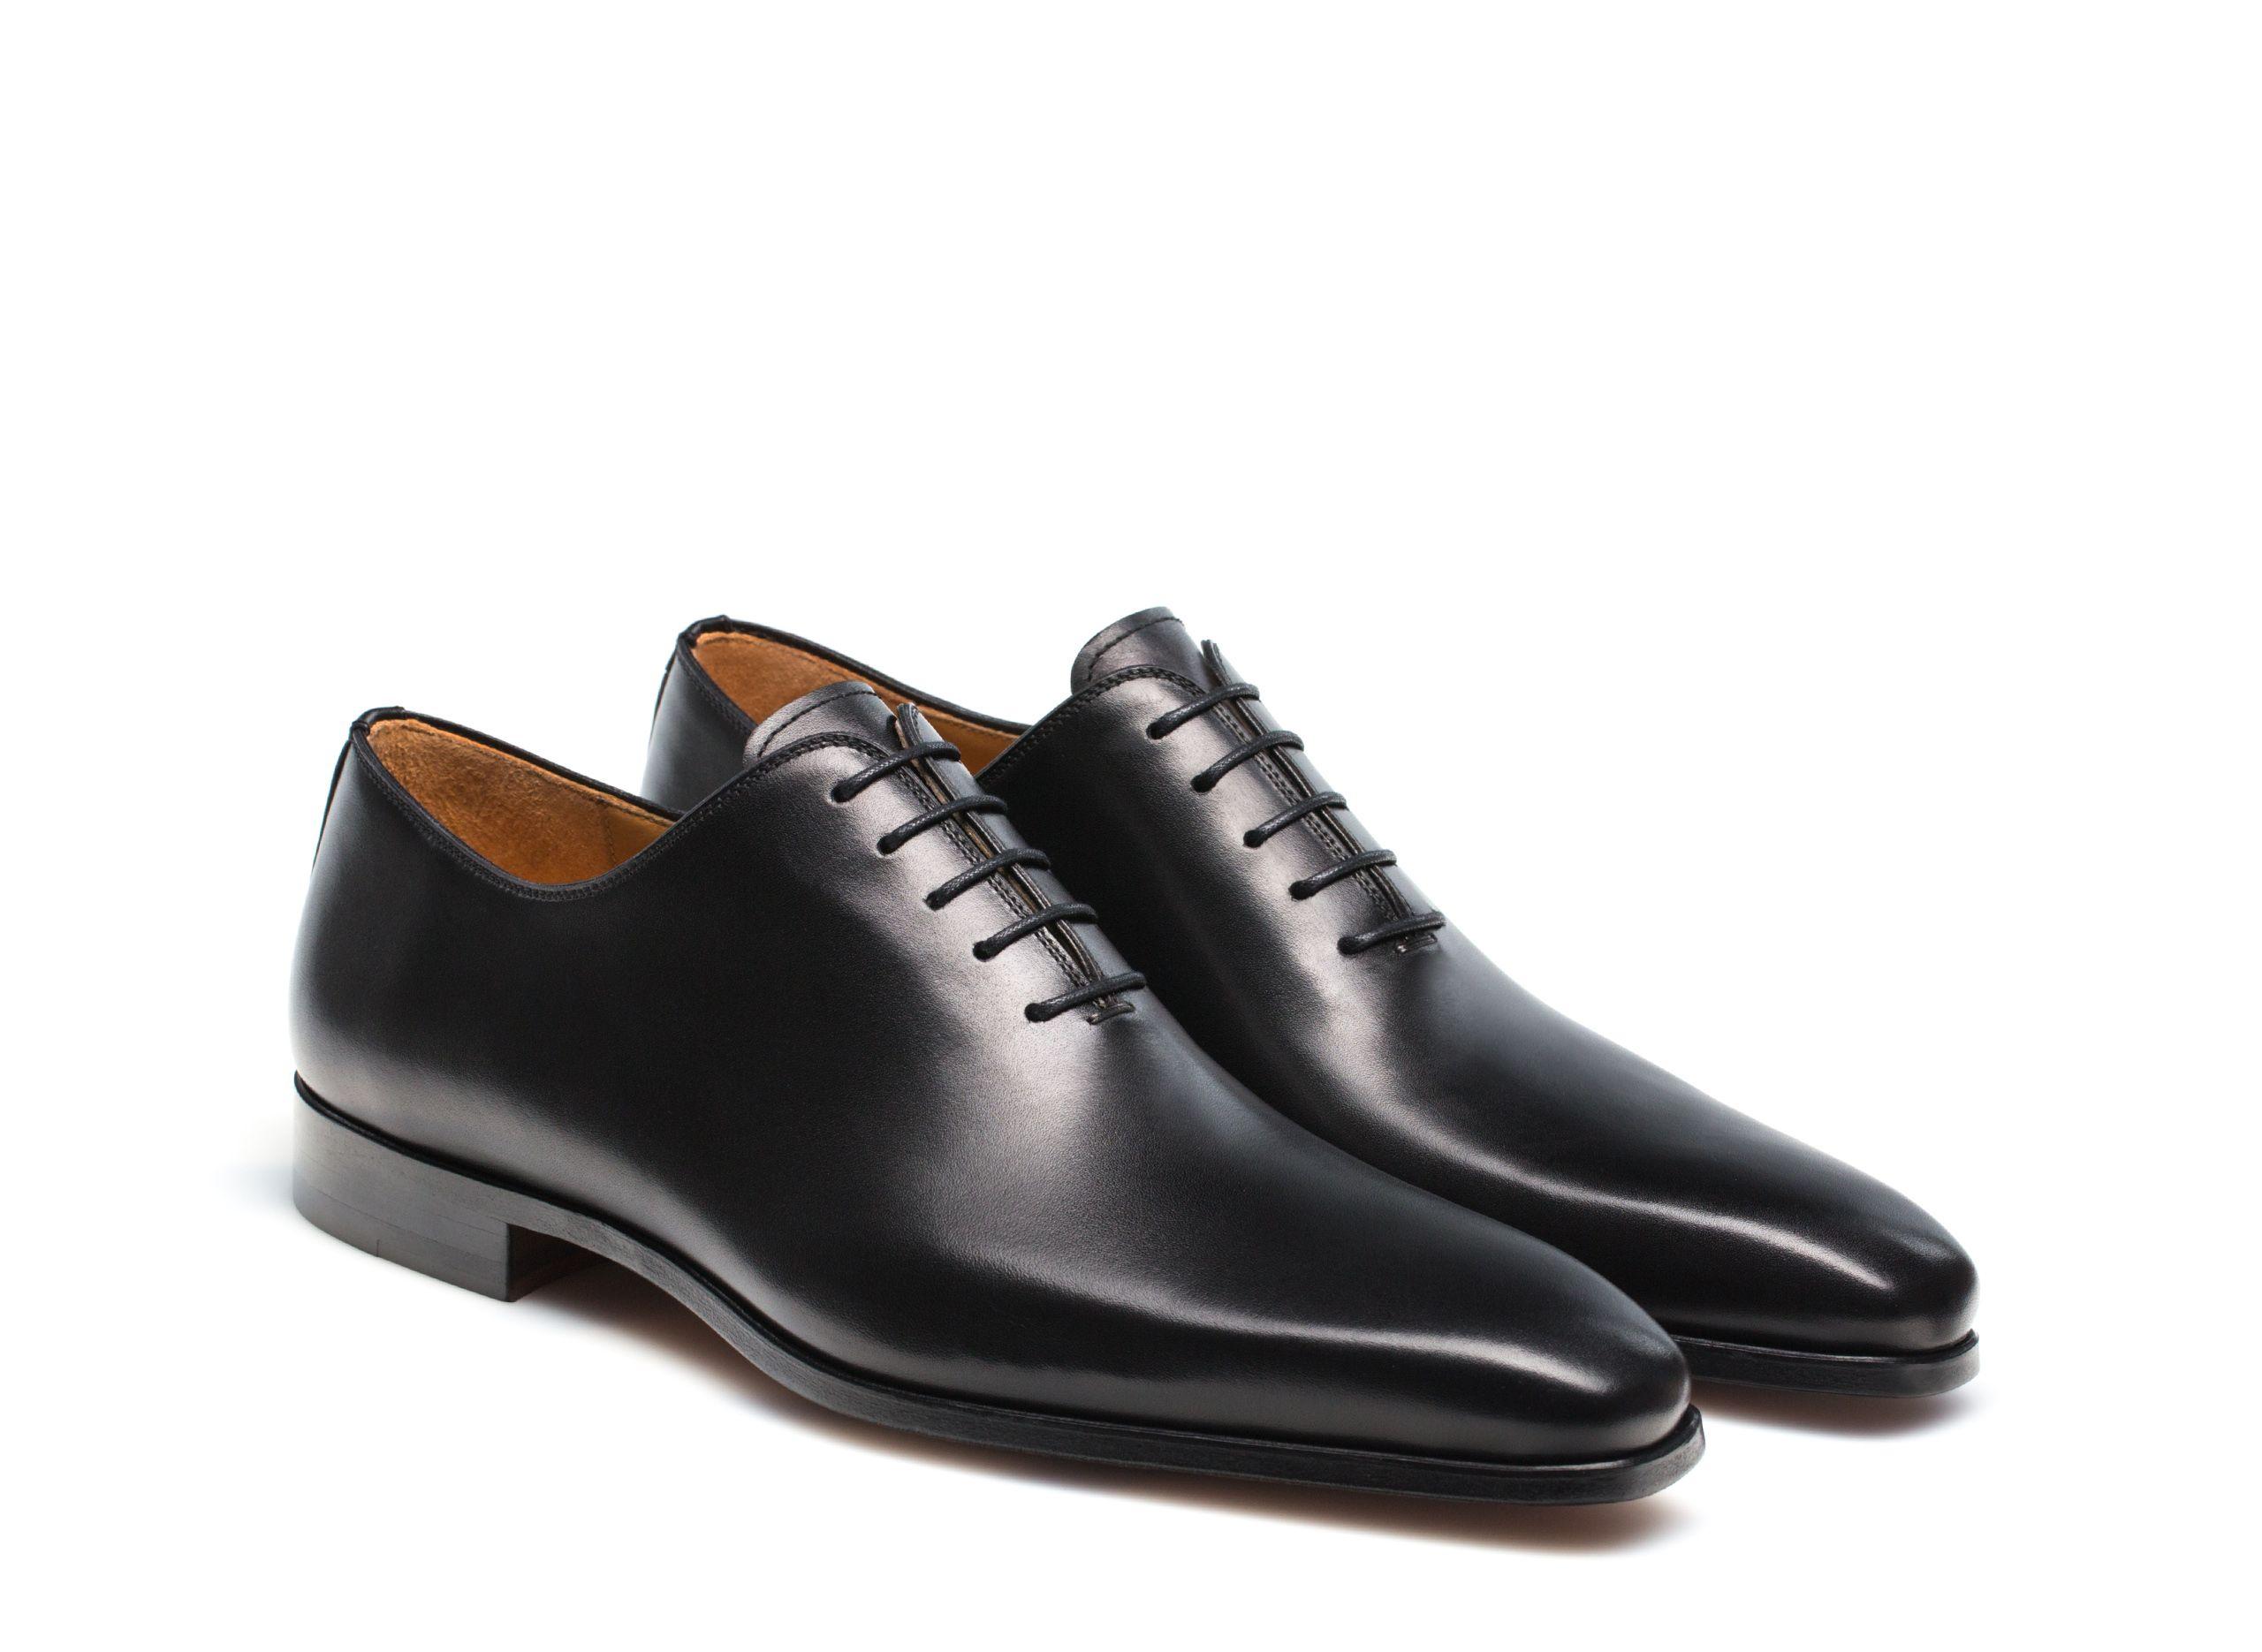 Cruz Black Magnanni Shoes Men Black Shoes Men Leather Shoes Men [ 1870 x 2560 Pixel ]